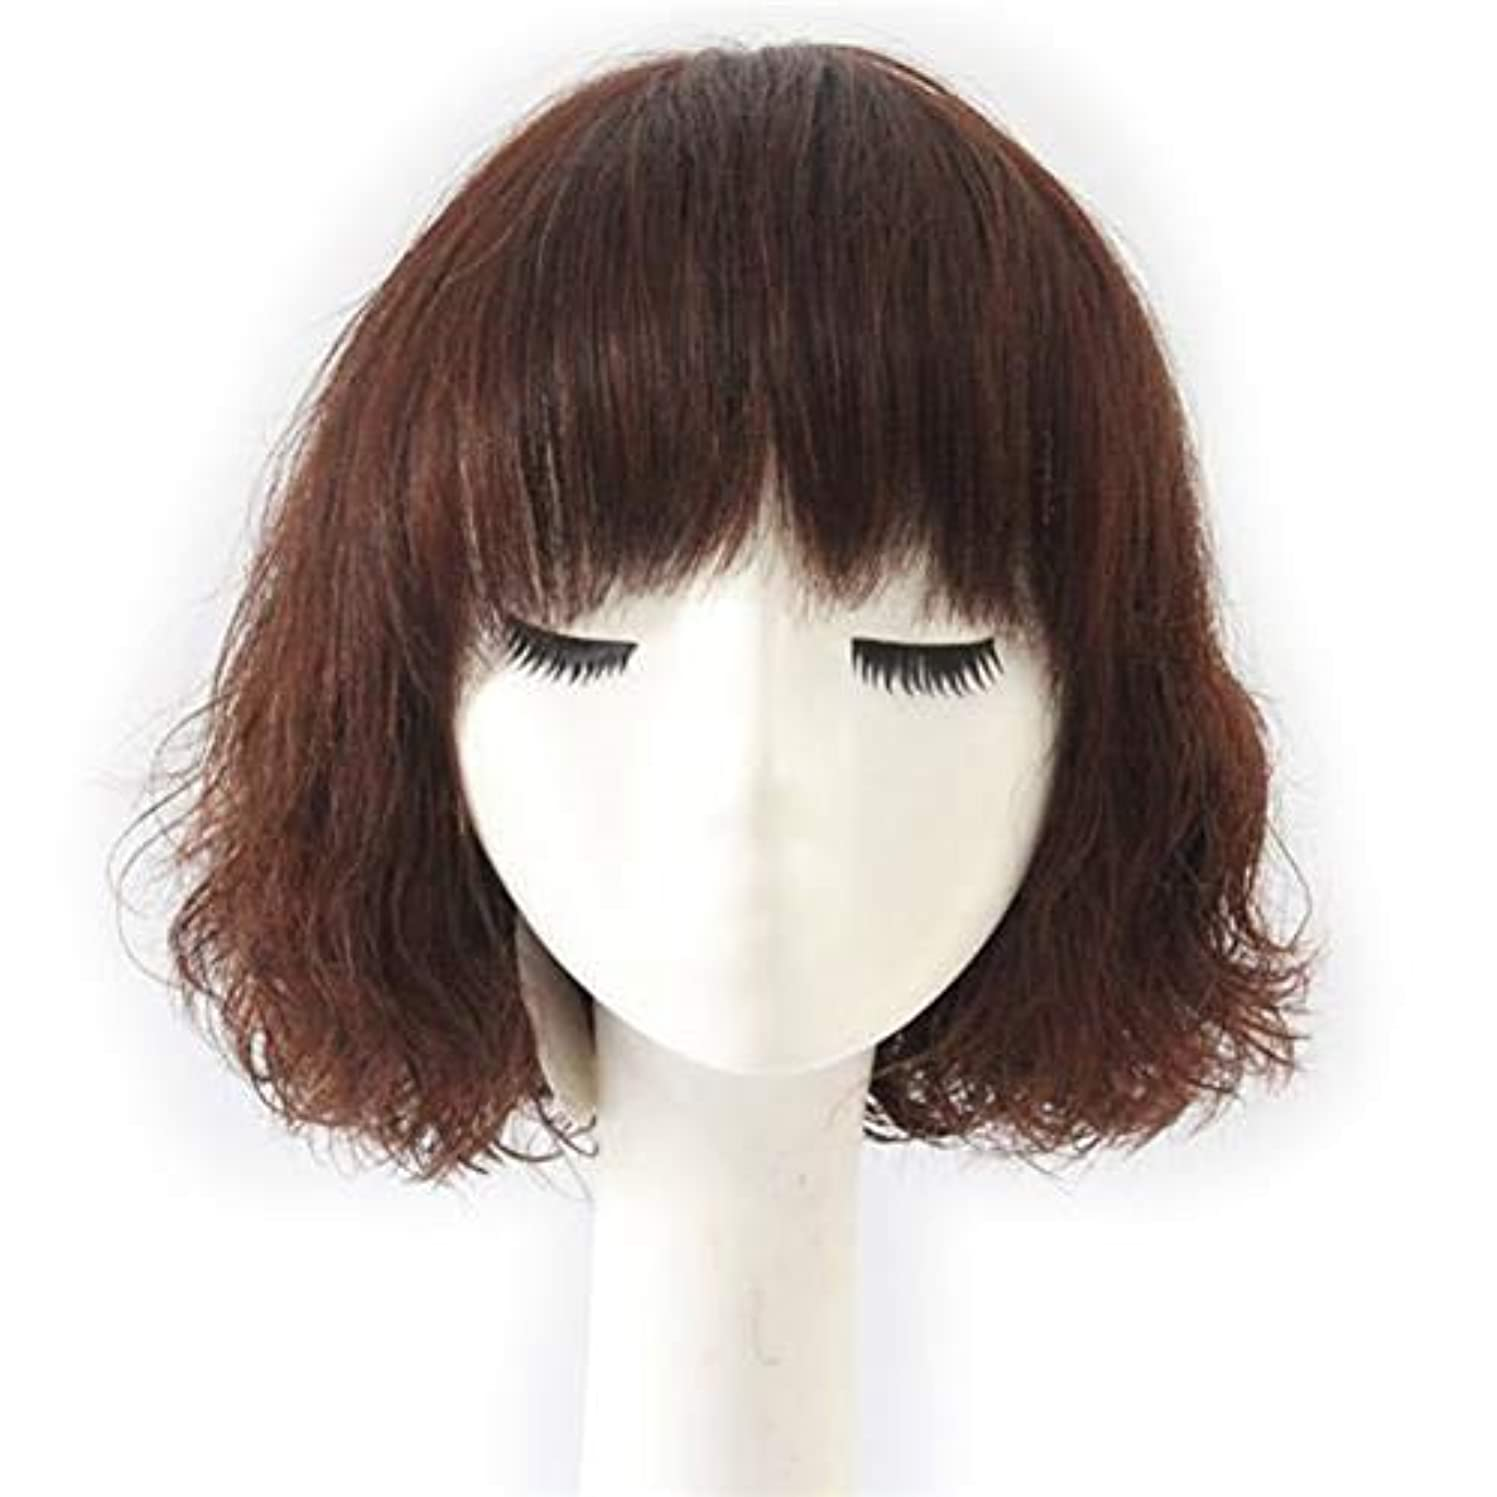 端末天国間かつら 女性のファッションかつらのためのダークブラウンのリアルヘアウィッグショートカーリーペアヘッド (色 : Natural color)